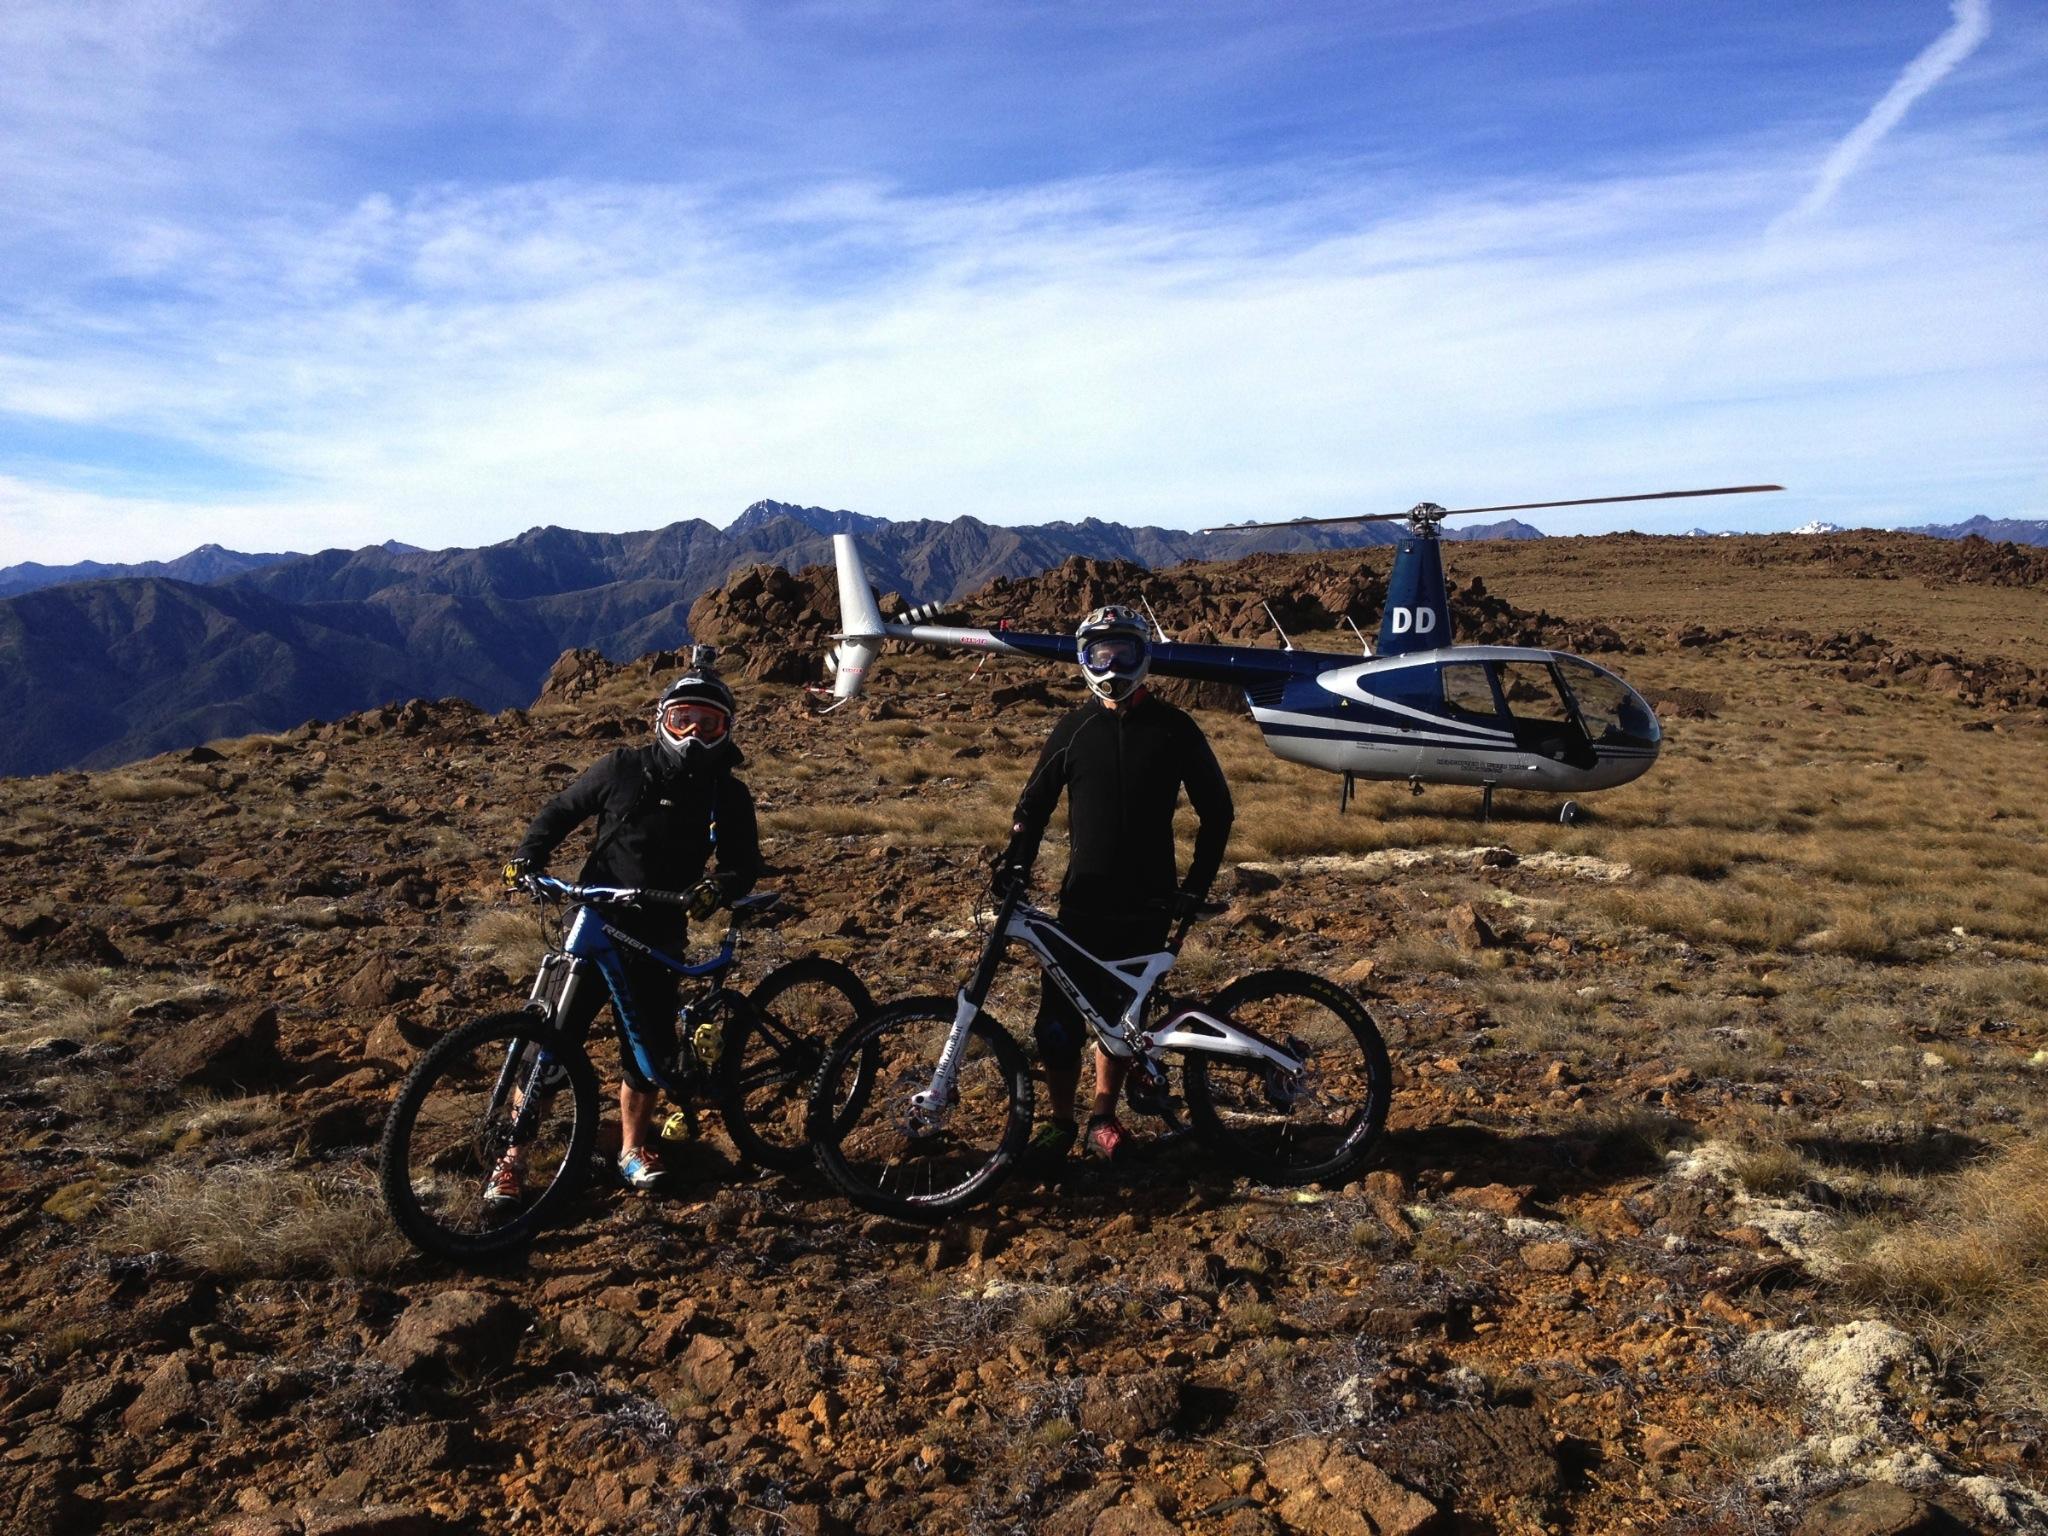 Outdoor helicopter activities